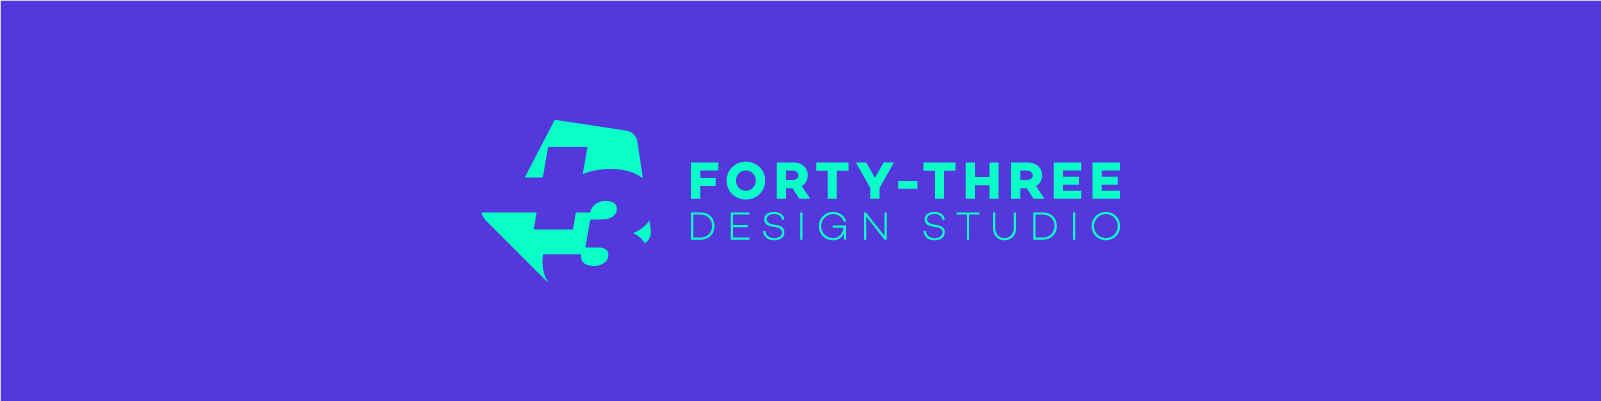 43 Design Studio banner fotograf